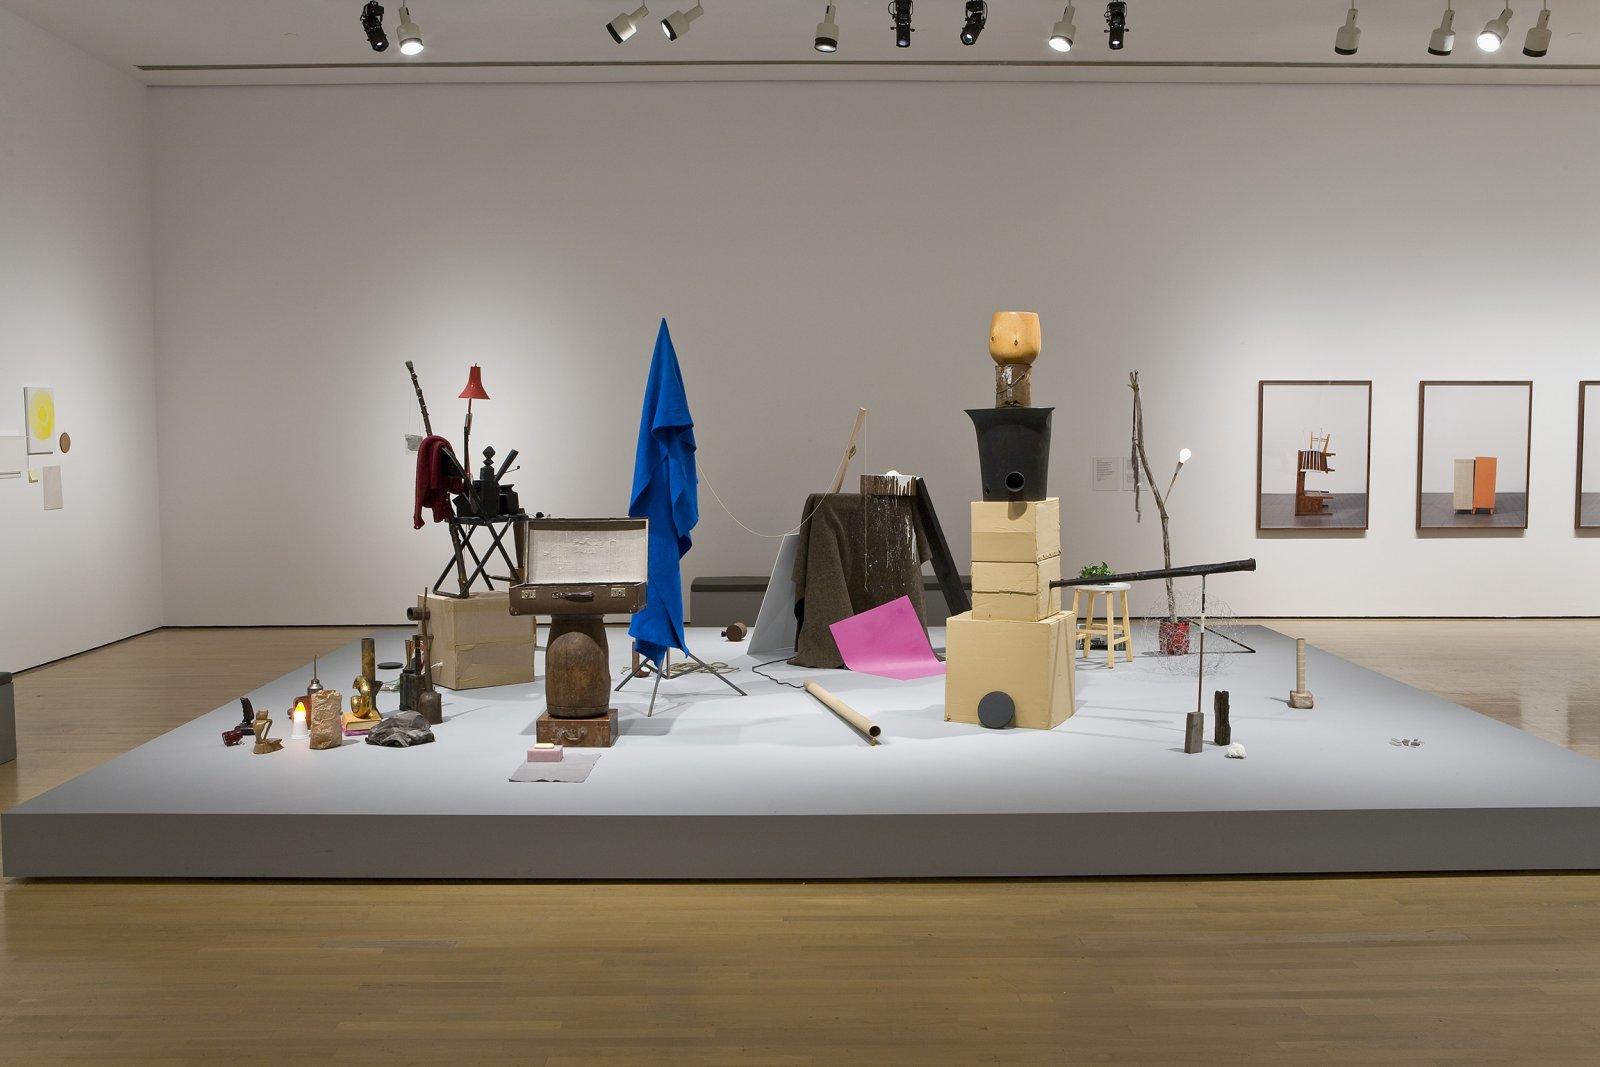 Geoffrey Farmer, installation view, Musée d'art contemporain de Montréal, 2008 by Geoffrey Farmer